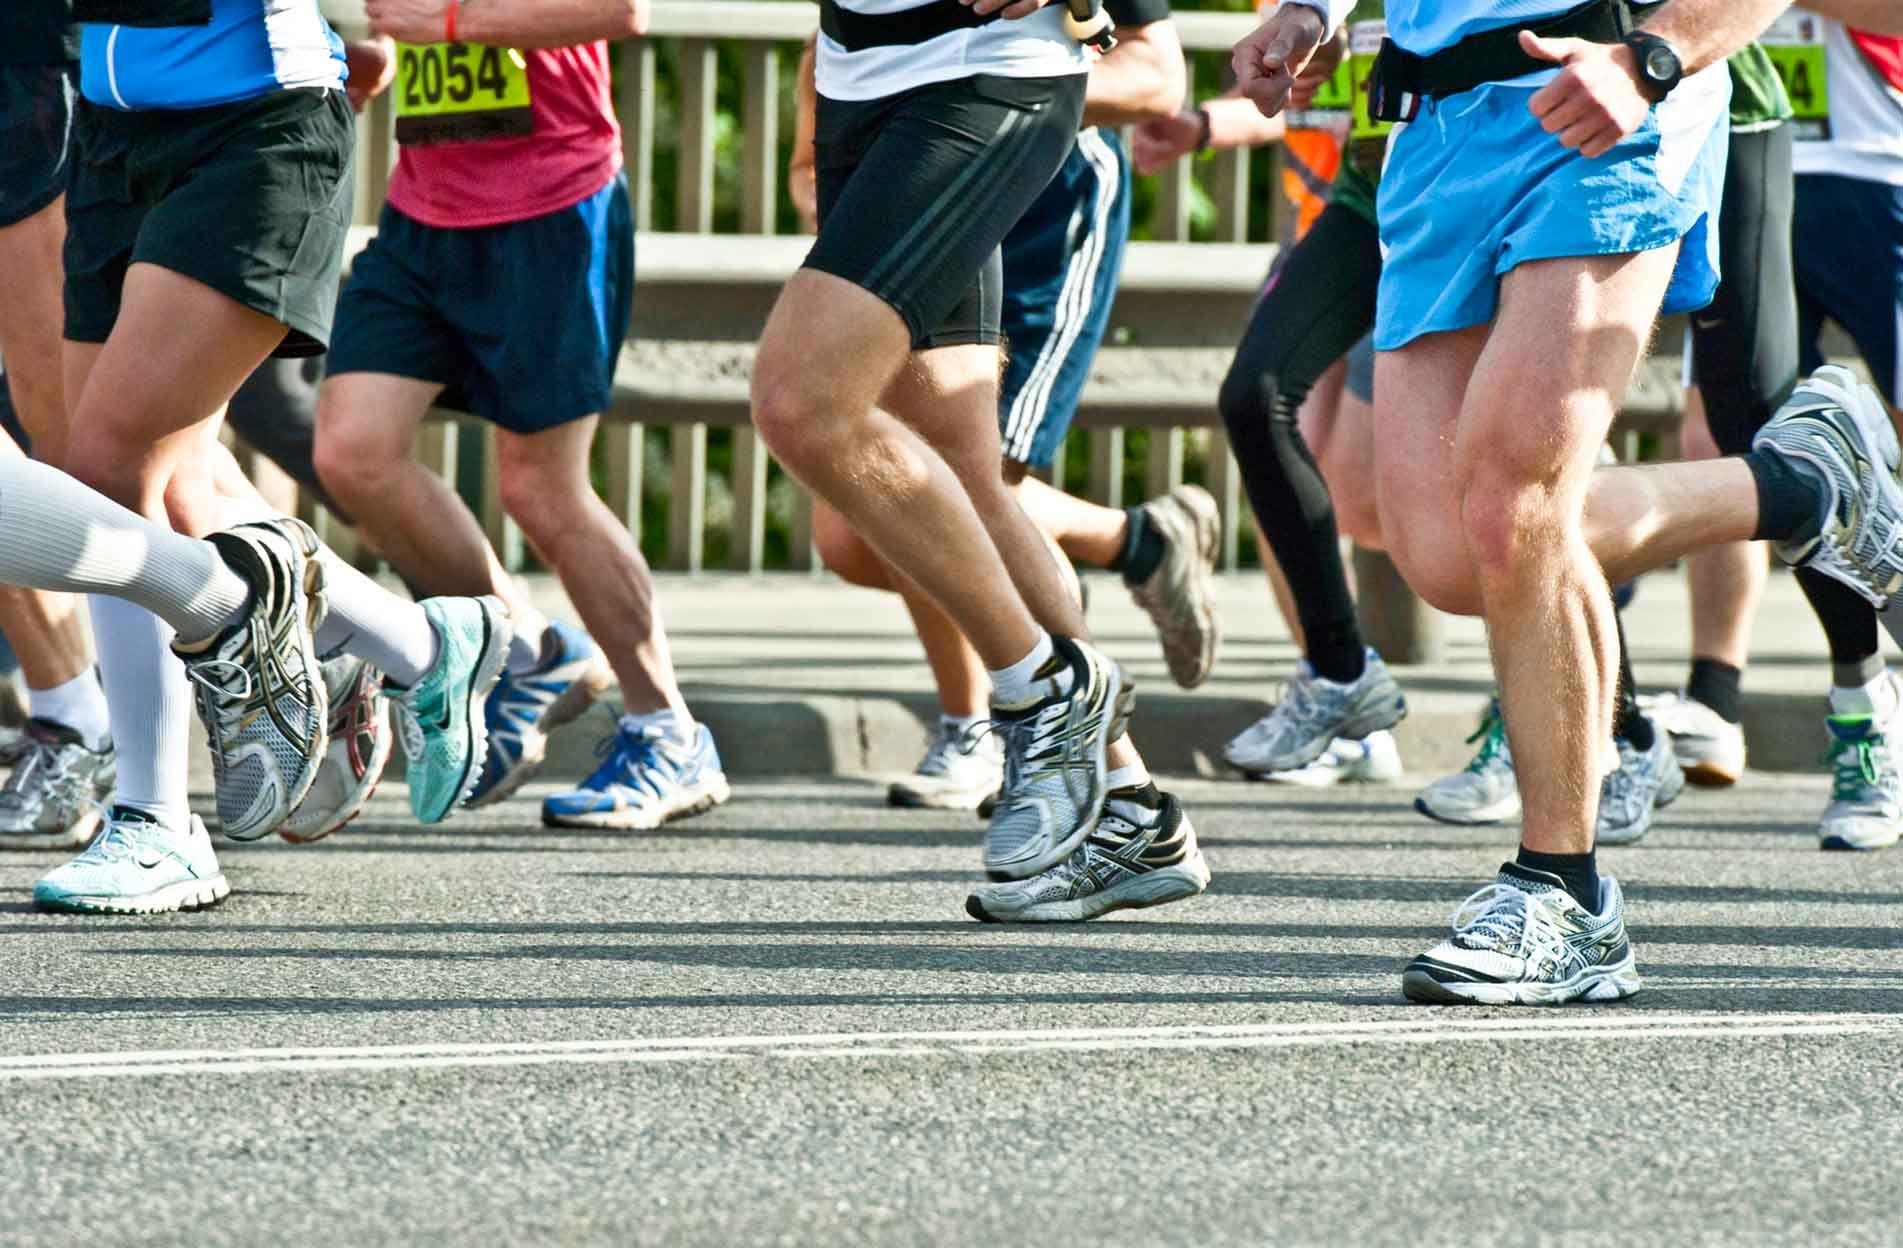 marathon to marathon